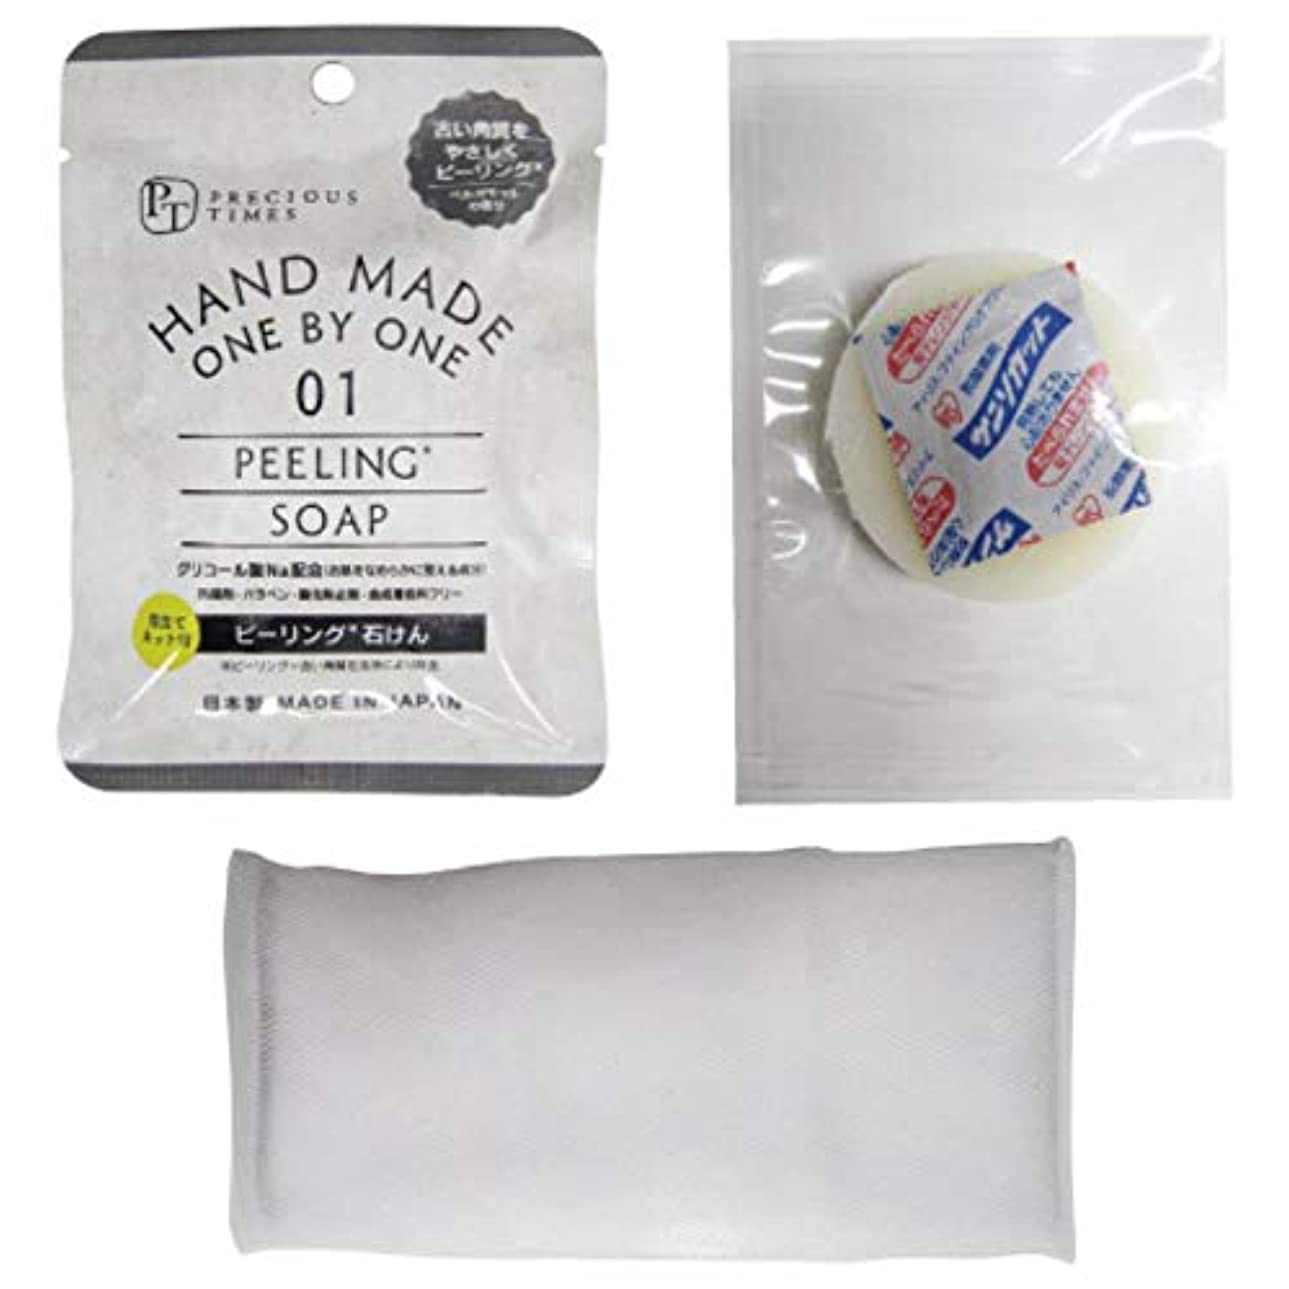 反対する不測の事態フィクションピーリング石鹸 12g ベルガモット 香り 泡立てネット付 PEELING SOAP 日本製 HAND MADE 角質除去 防腐剤等無添加 わくねり化粧石けん